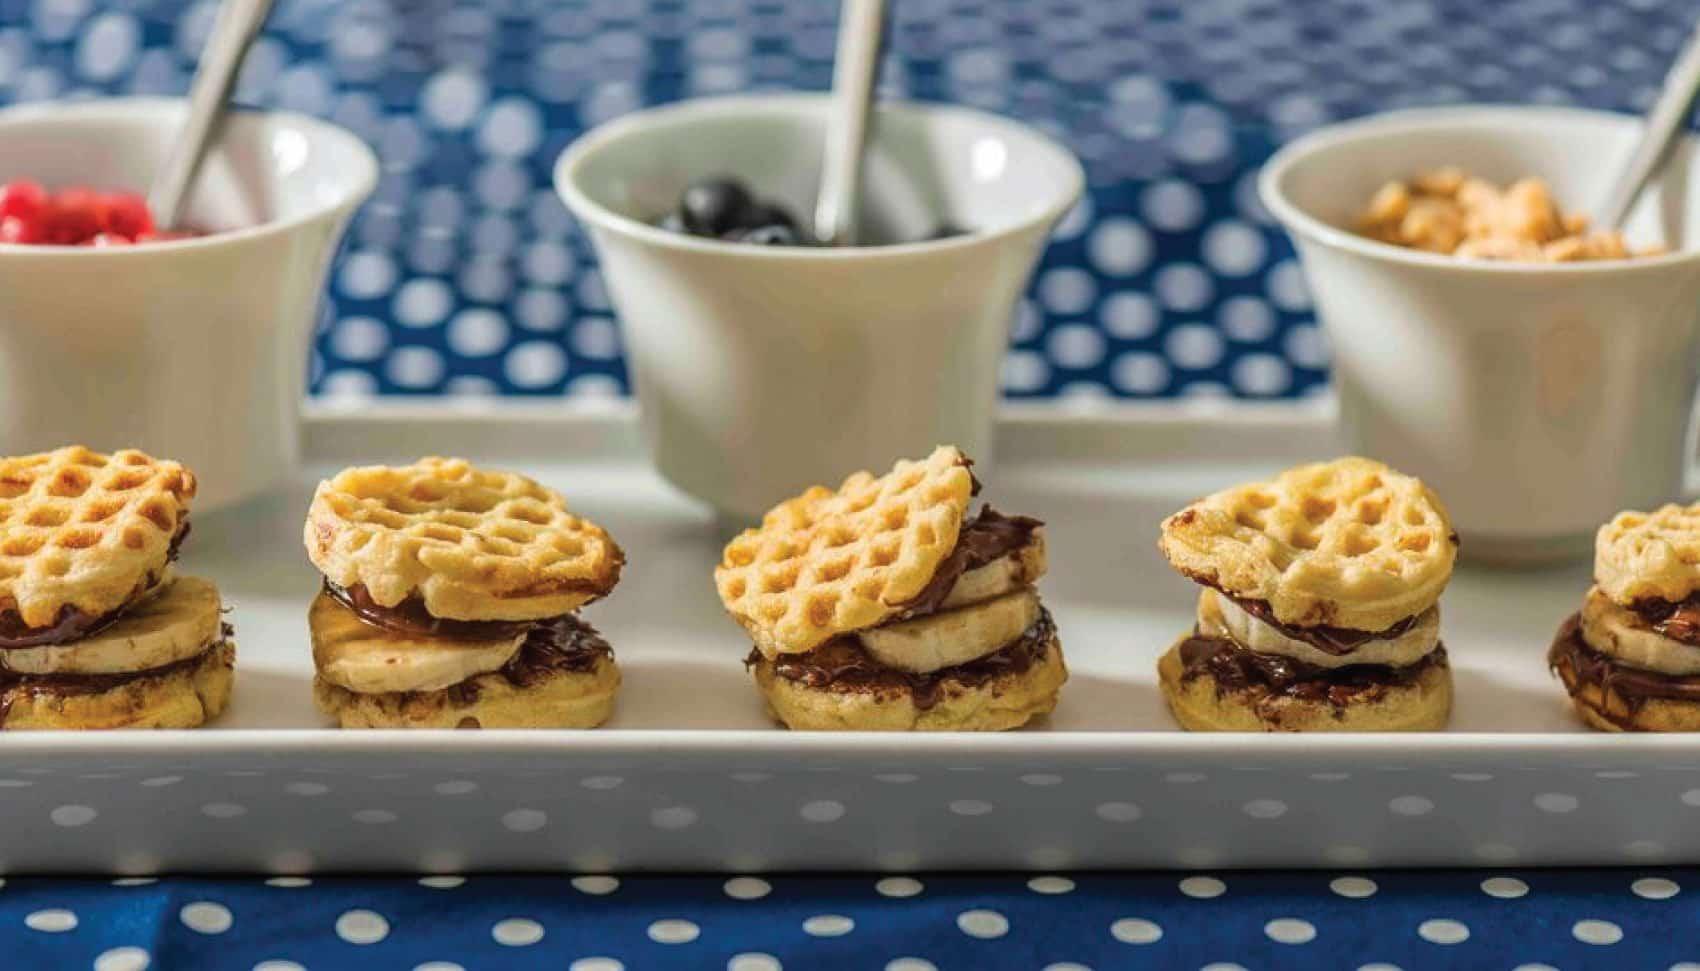 Corporate Breakfast Catering Ideas For Morning Meetings Deborah